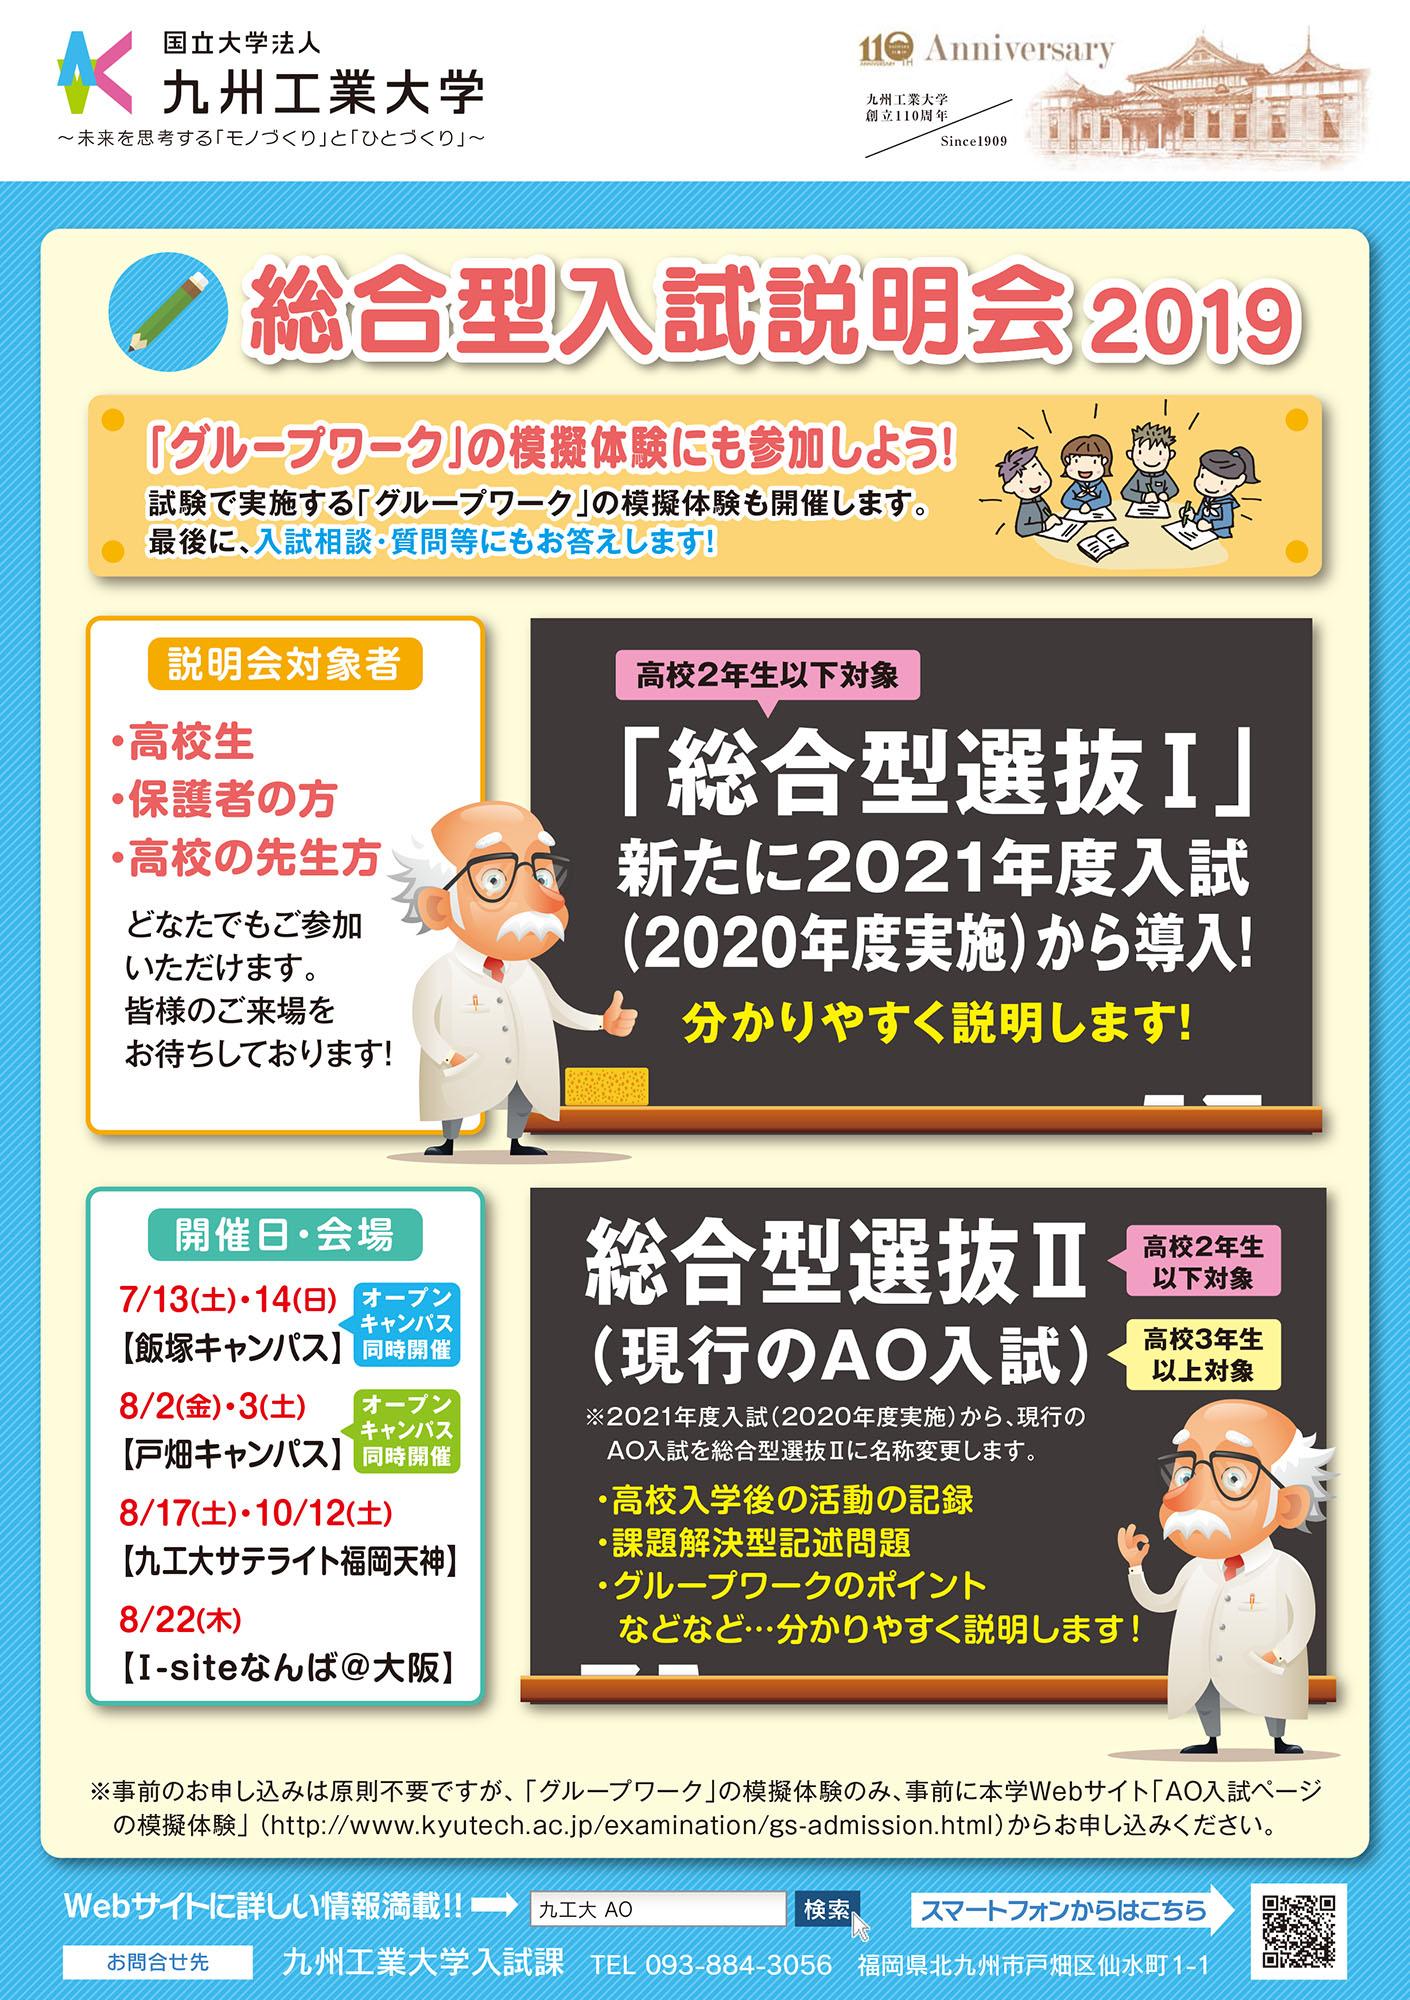 九州工業大学 オープンキャンパス 2019